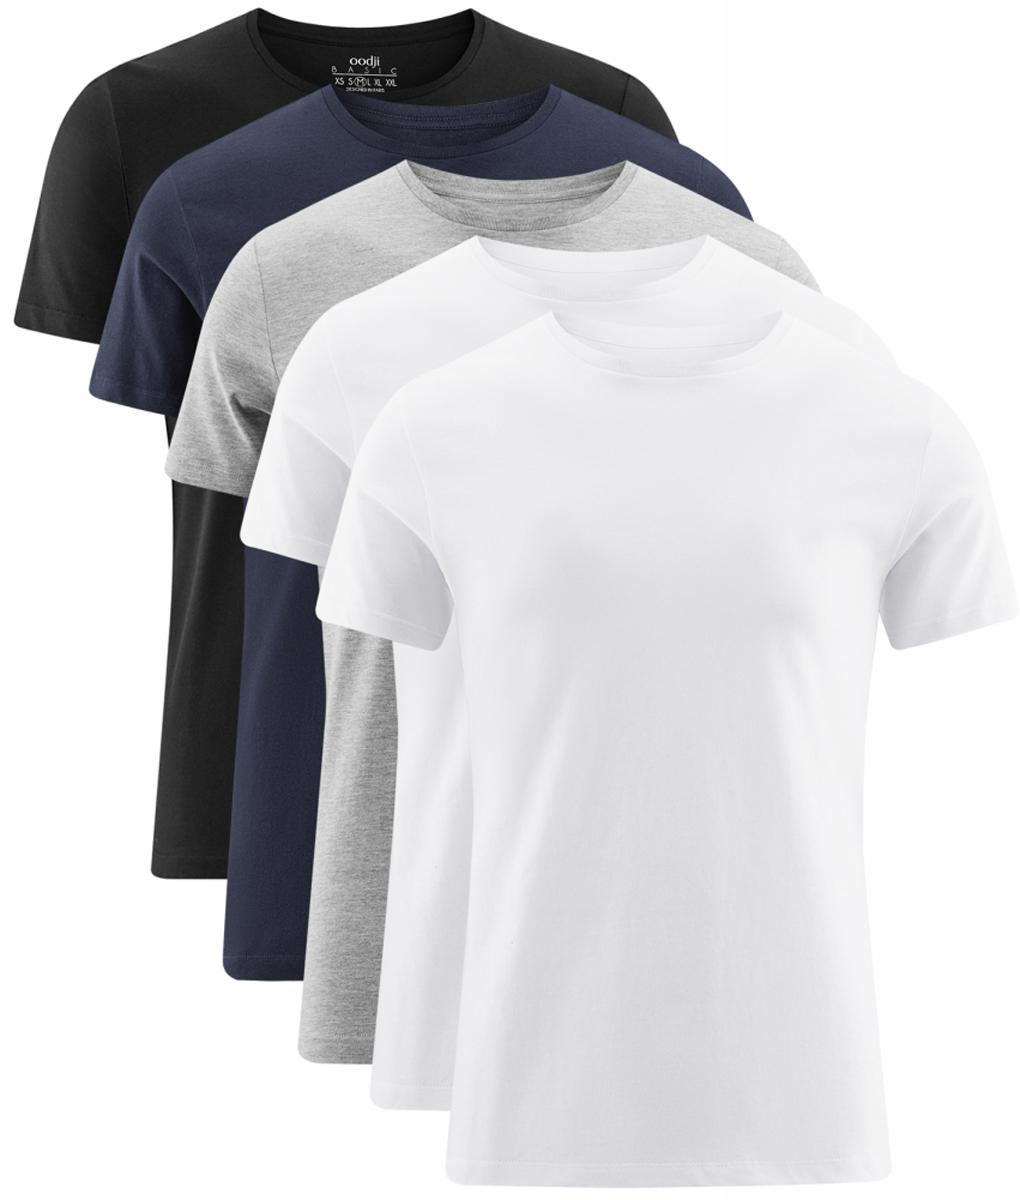 Футболка мужская oodji Basic, цвет: мультиколор, 5 шт. 5B621002T5/44135N/1901N. Размер XXL (58;60)5B621002T5/44135N/1901NКомплект из пяти базовых футболок. Практичный набор с пятью одинаковыми футболками. Одного набора хватает на всю рабочую неделю. Вы можете каждый день надевать новую чистую футболку и не ждать, когда грязные вещи будут постираны. Футболки в комплекте прямого кроя, с небольшим полукруглым вырезом. Такой крой прекрасно смотрится на любой фигуре. Базовую футболку можно использовать в повседневных и спортивных луках. В ней удобно заниматься спортом в зале и на открытом воздухе. Футболку можно надевать в качестве домашней одежды. Она уместна в луках в стиле casual – с расстегнутой рубашкой и джинсами. Из обуви предпочтение рекомендуется отдавать спортивным моделям: кроссовки или кеды завершат образ.